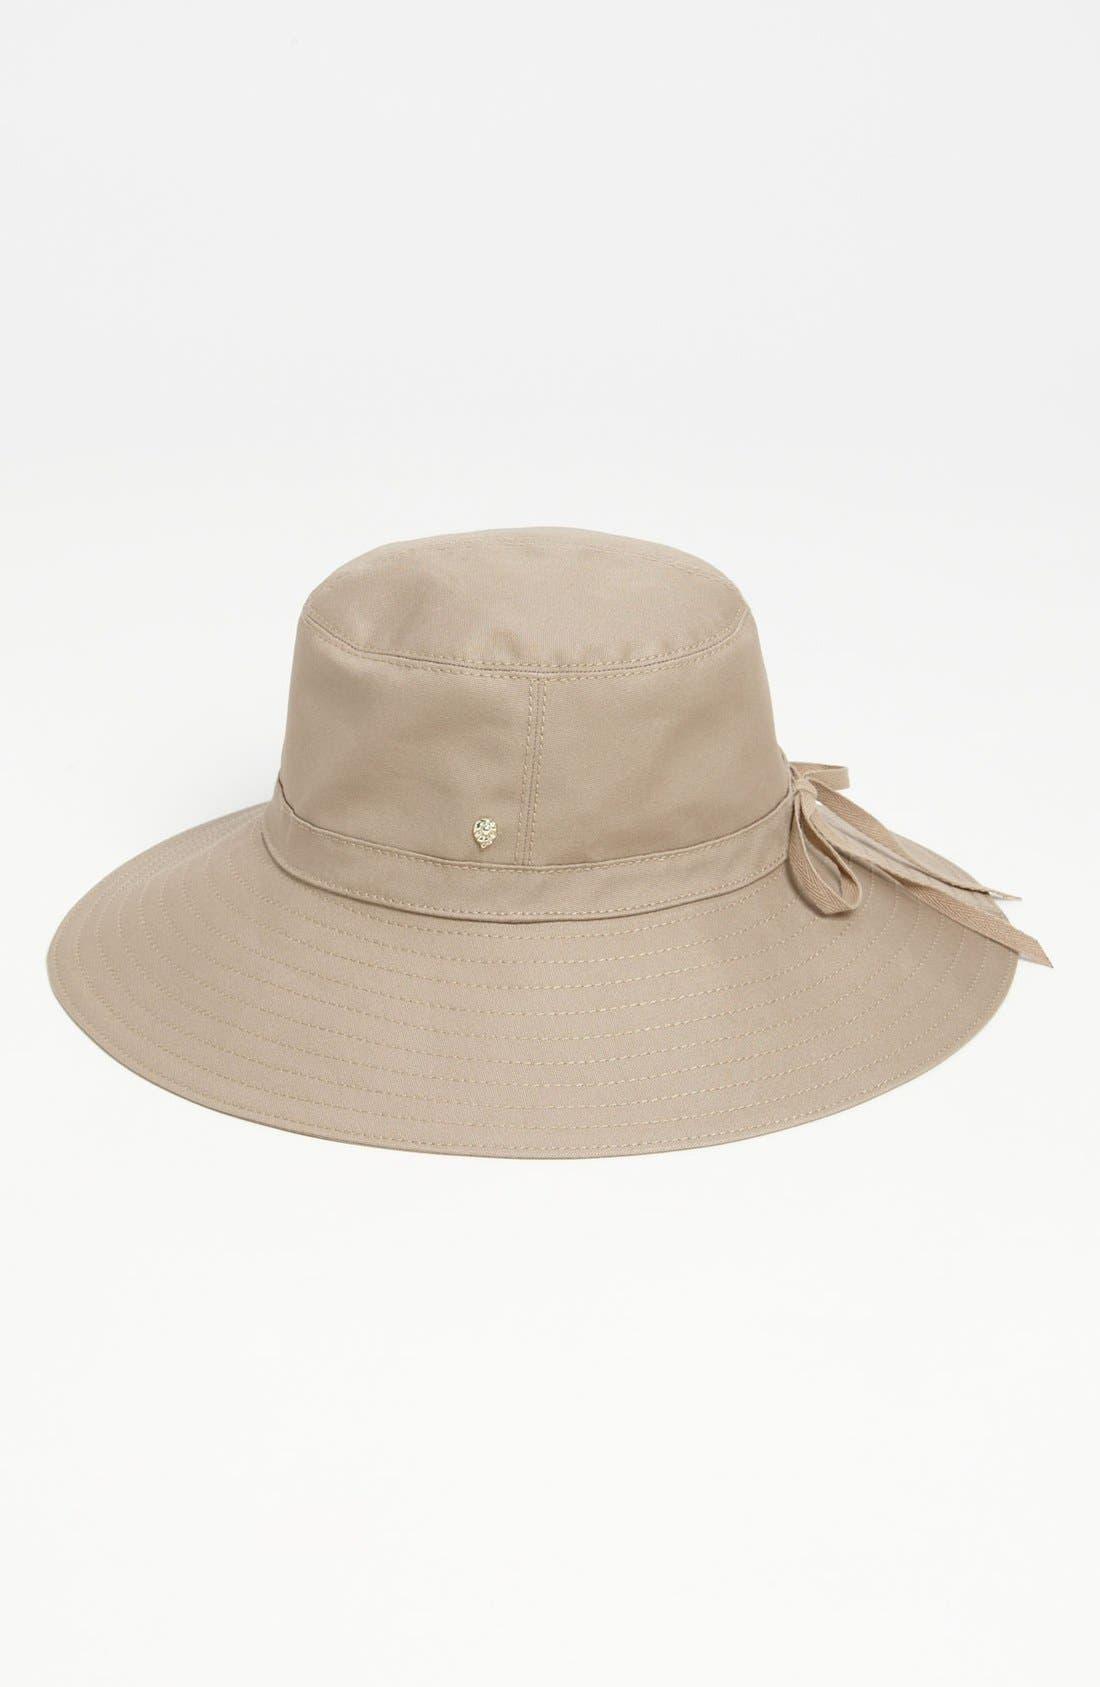 Main Image - Helen Kaminski 'Istria' Canvas Sun Hat